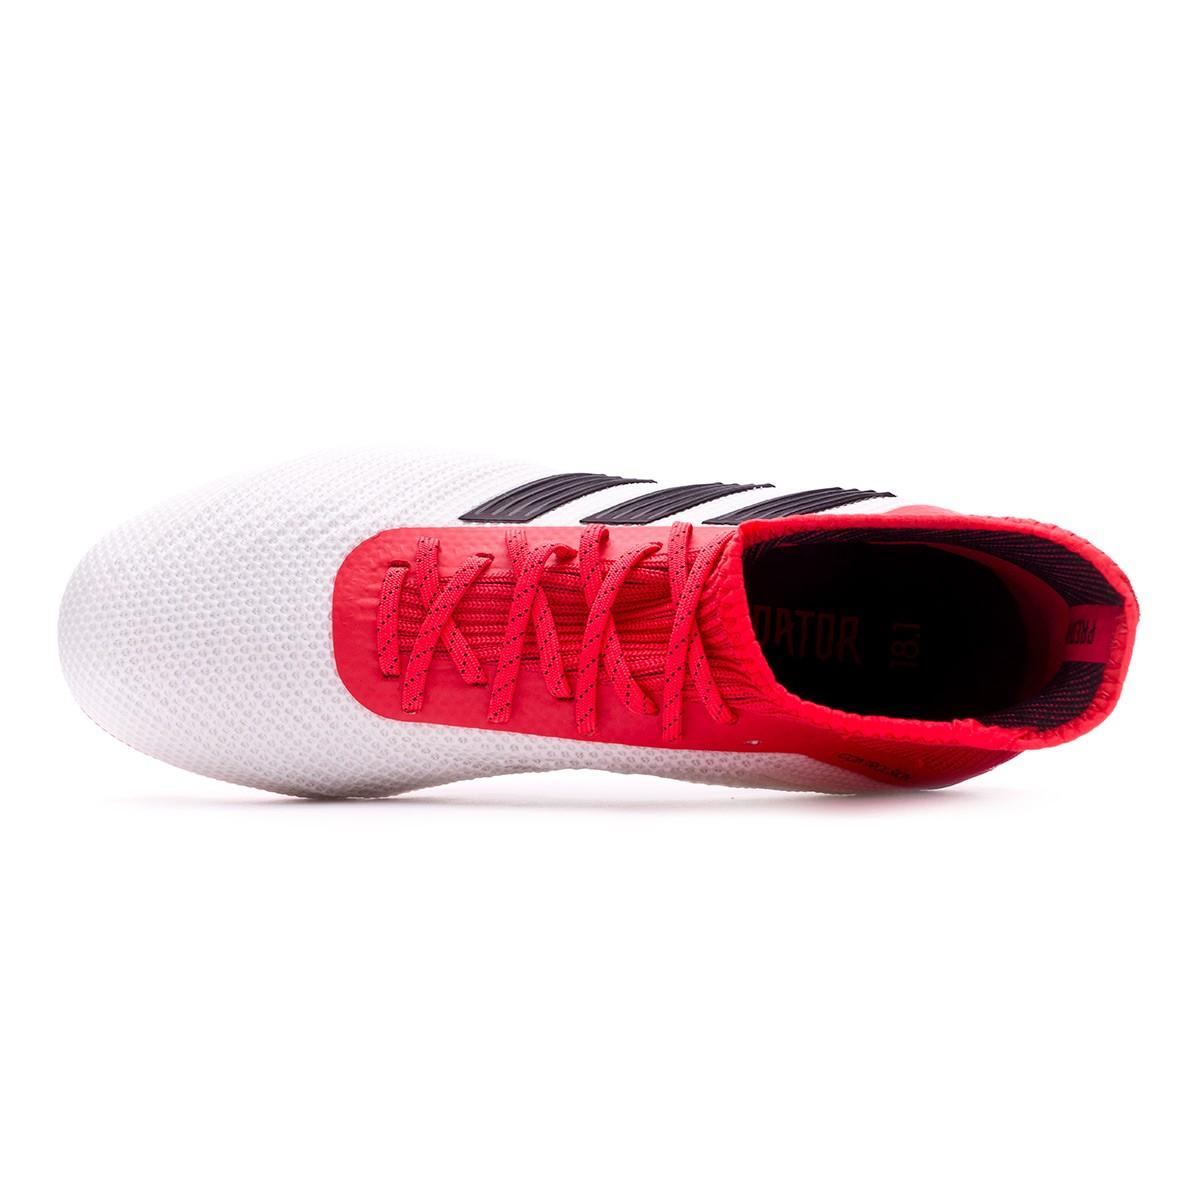 Adidas Predator 18,1 Fg Botín De Fútbol - Blanco / Negro De Coral / Reales